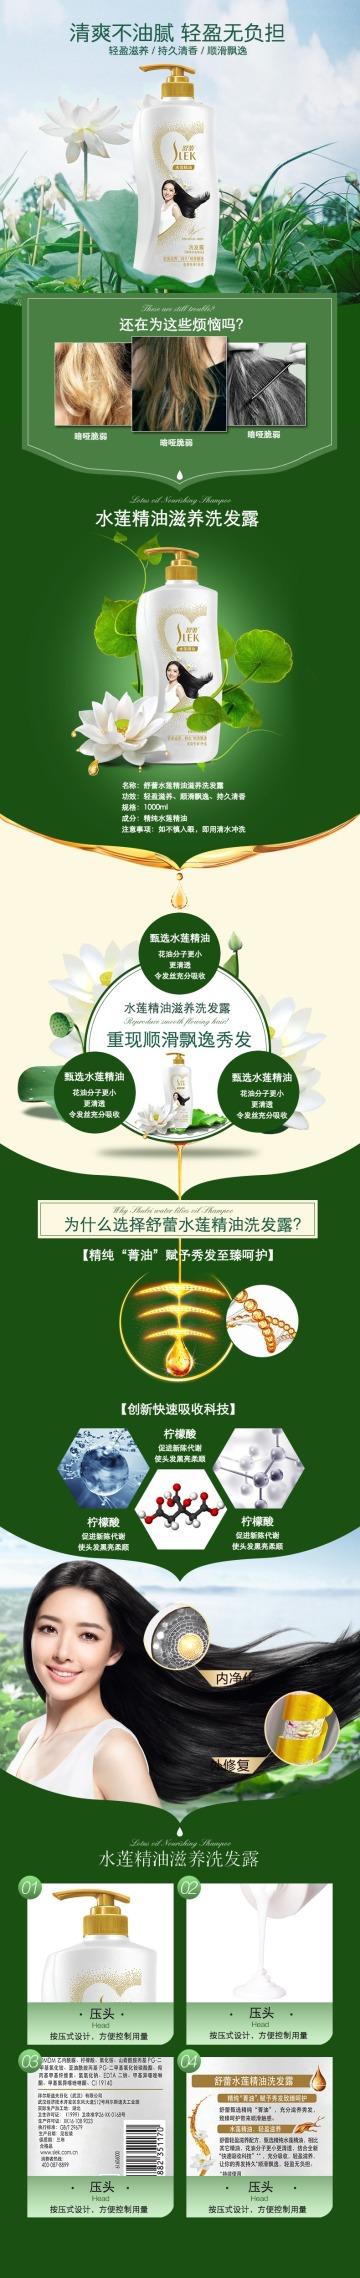 绿色自然水莲精油滋养洗发露电商详情图